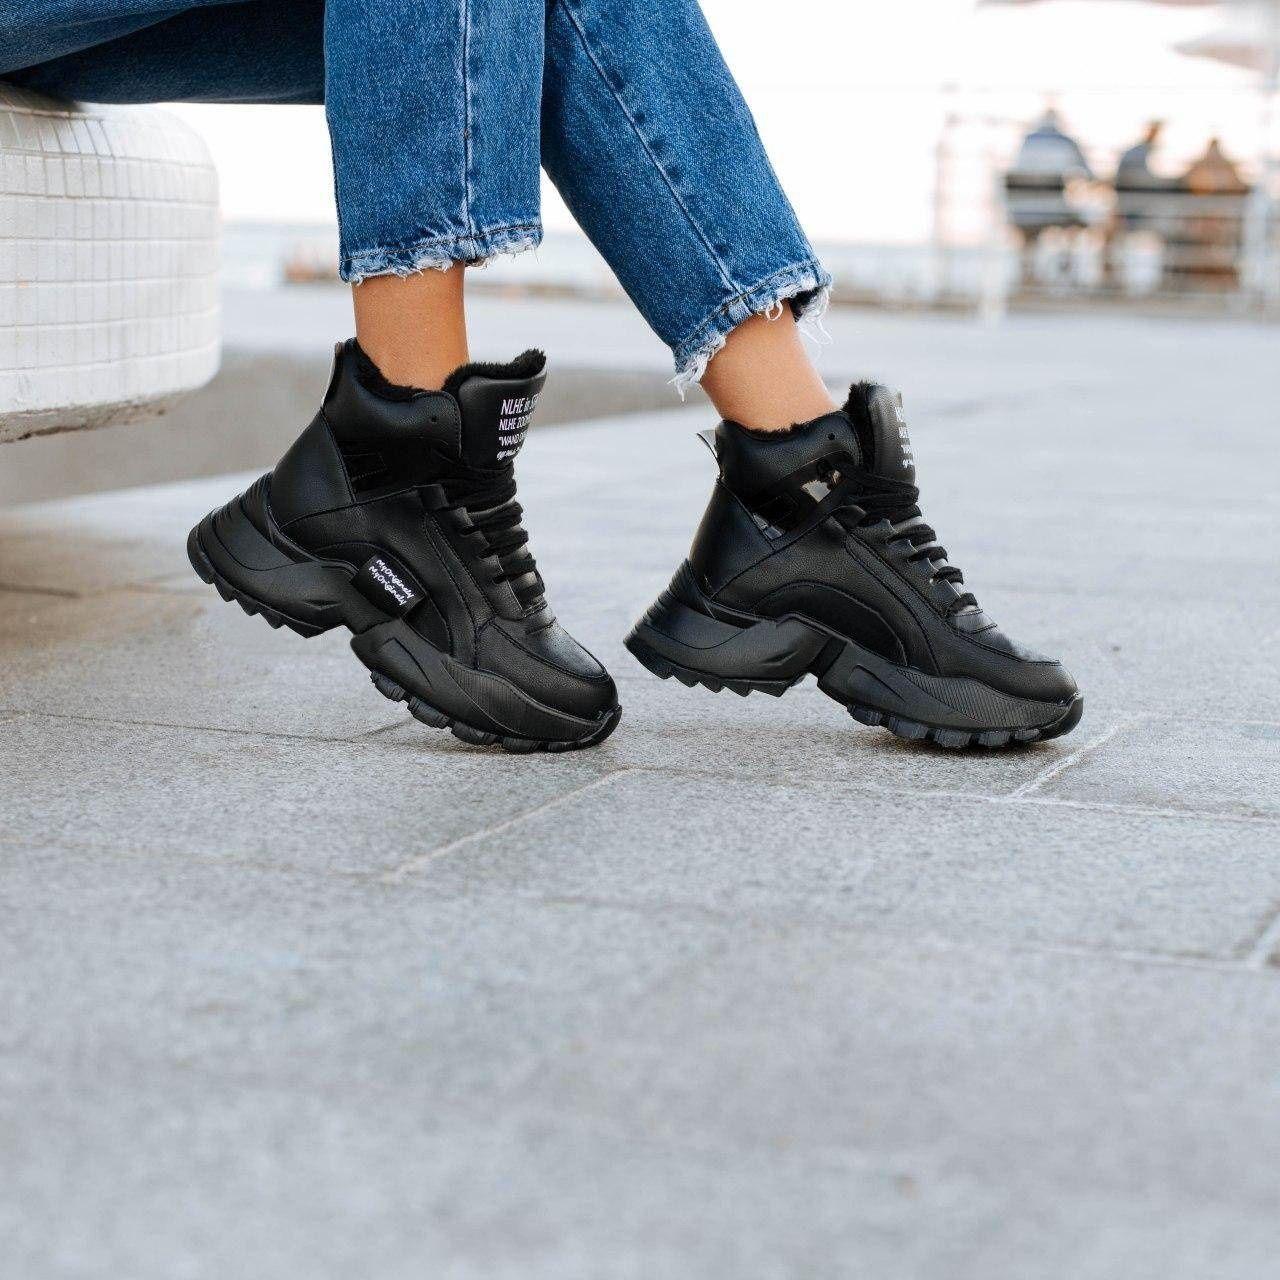 Жіночі зимові високі кросівки